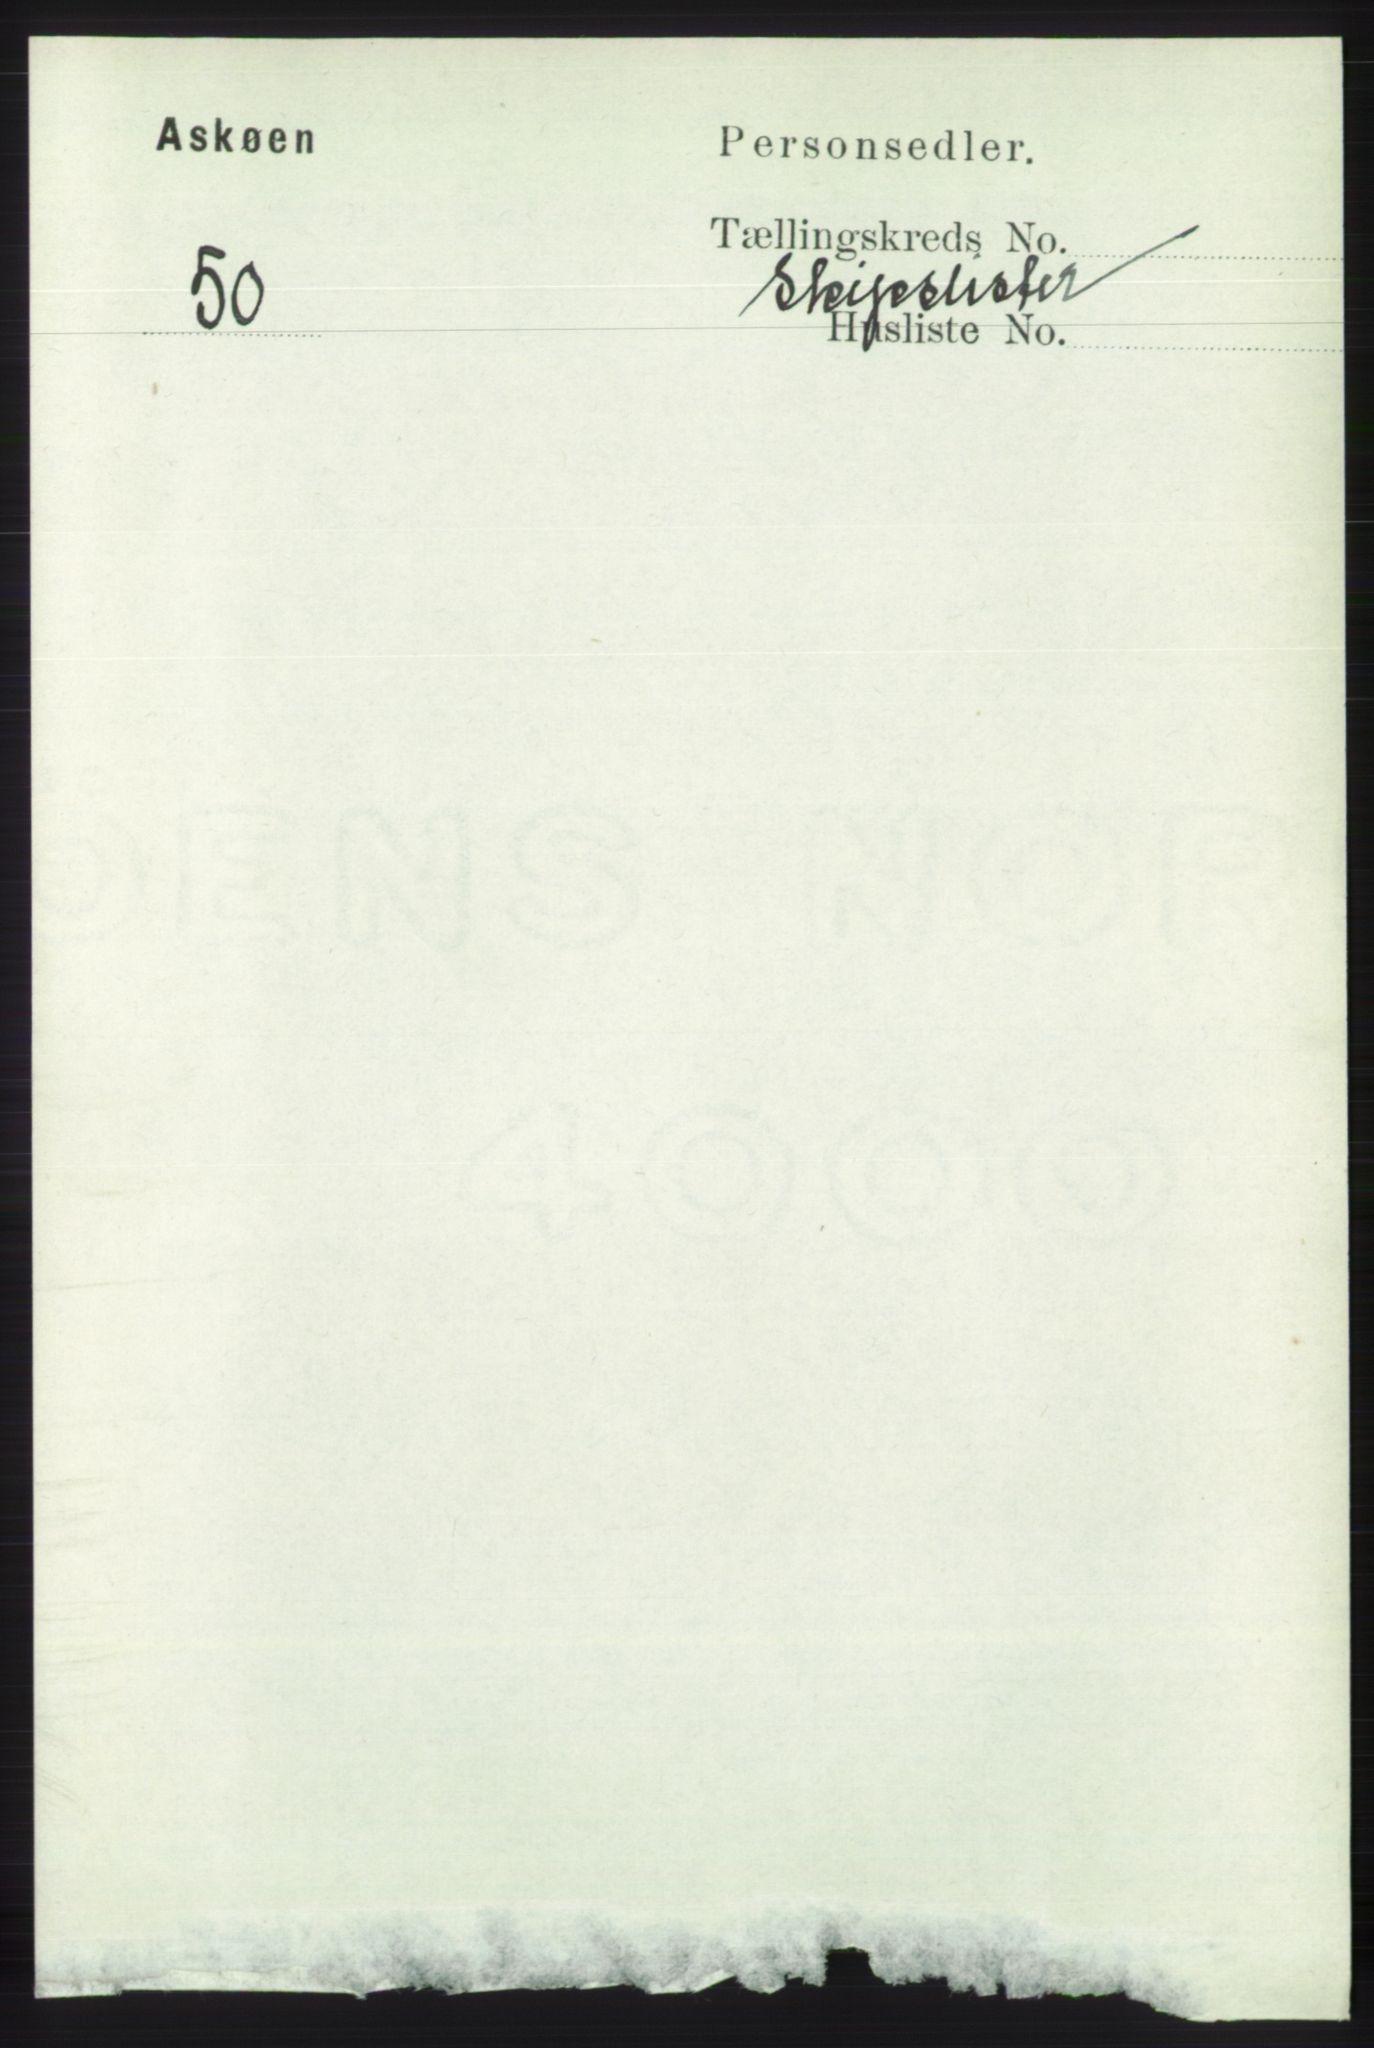 RA, Folketelling 1891 for 1247 Askøy herred, 1891, s. 7683